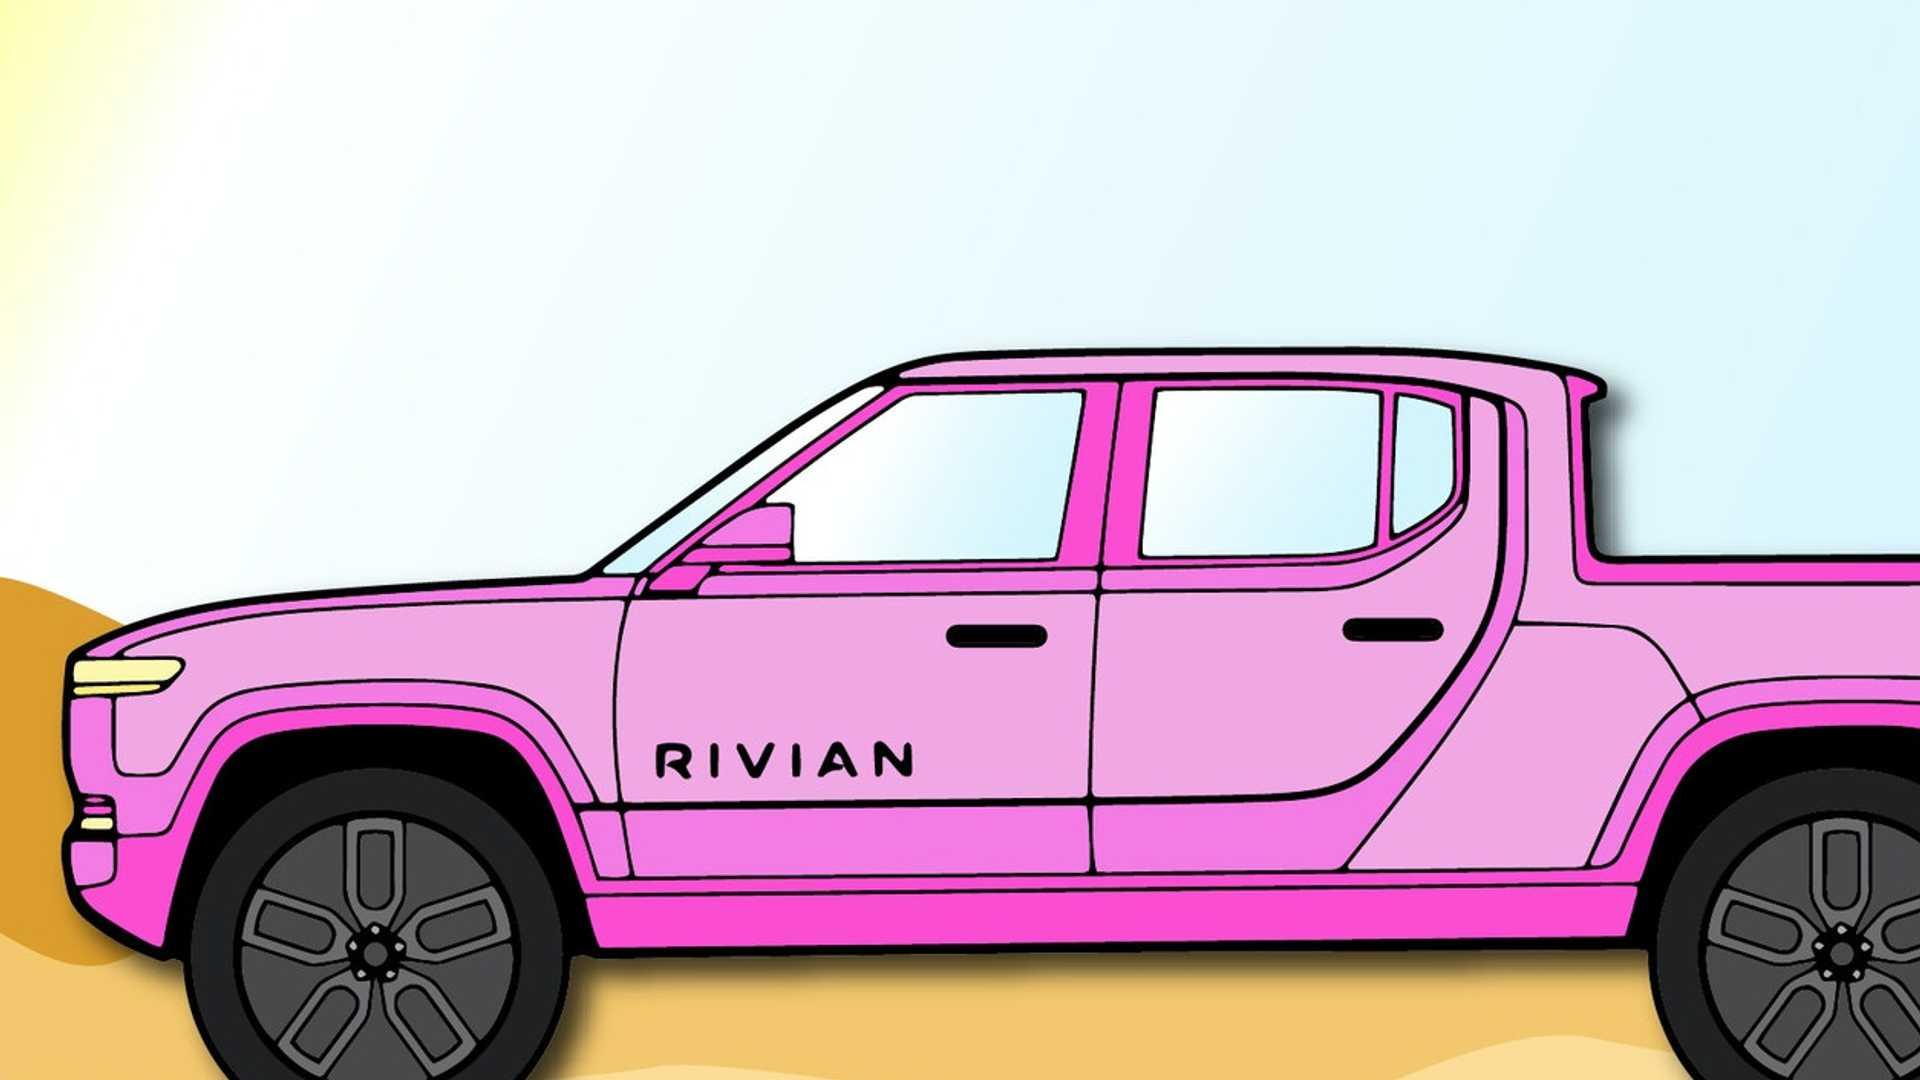 Rivian_match_0008